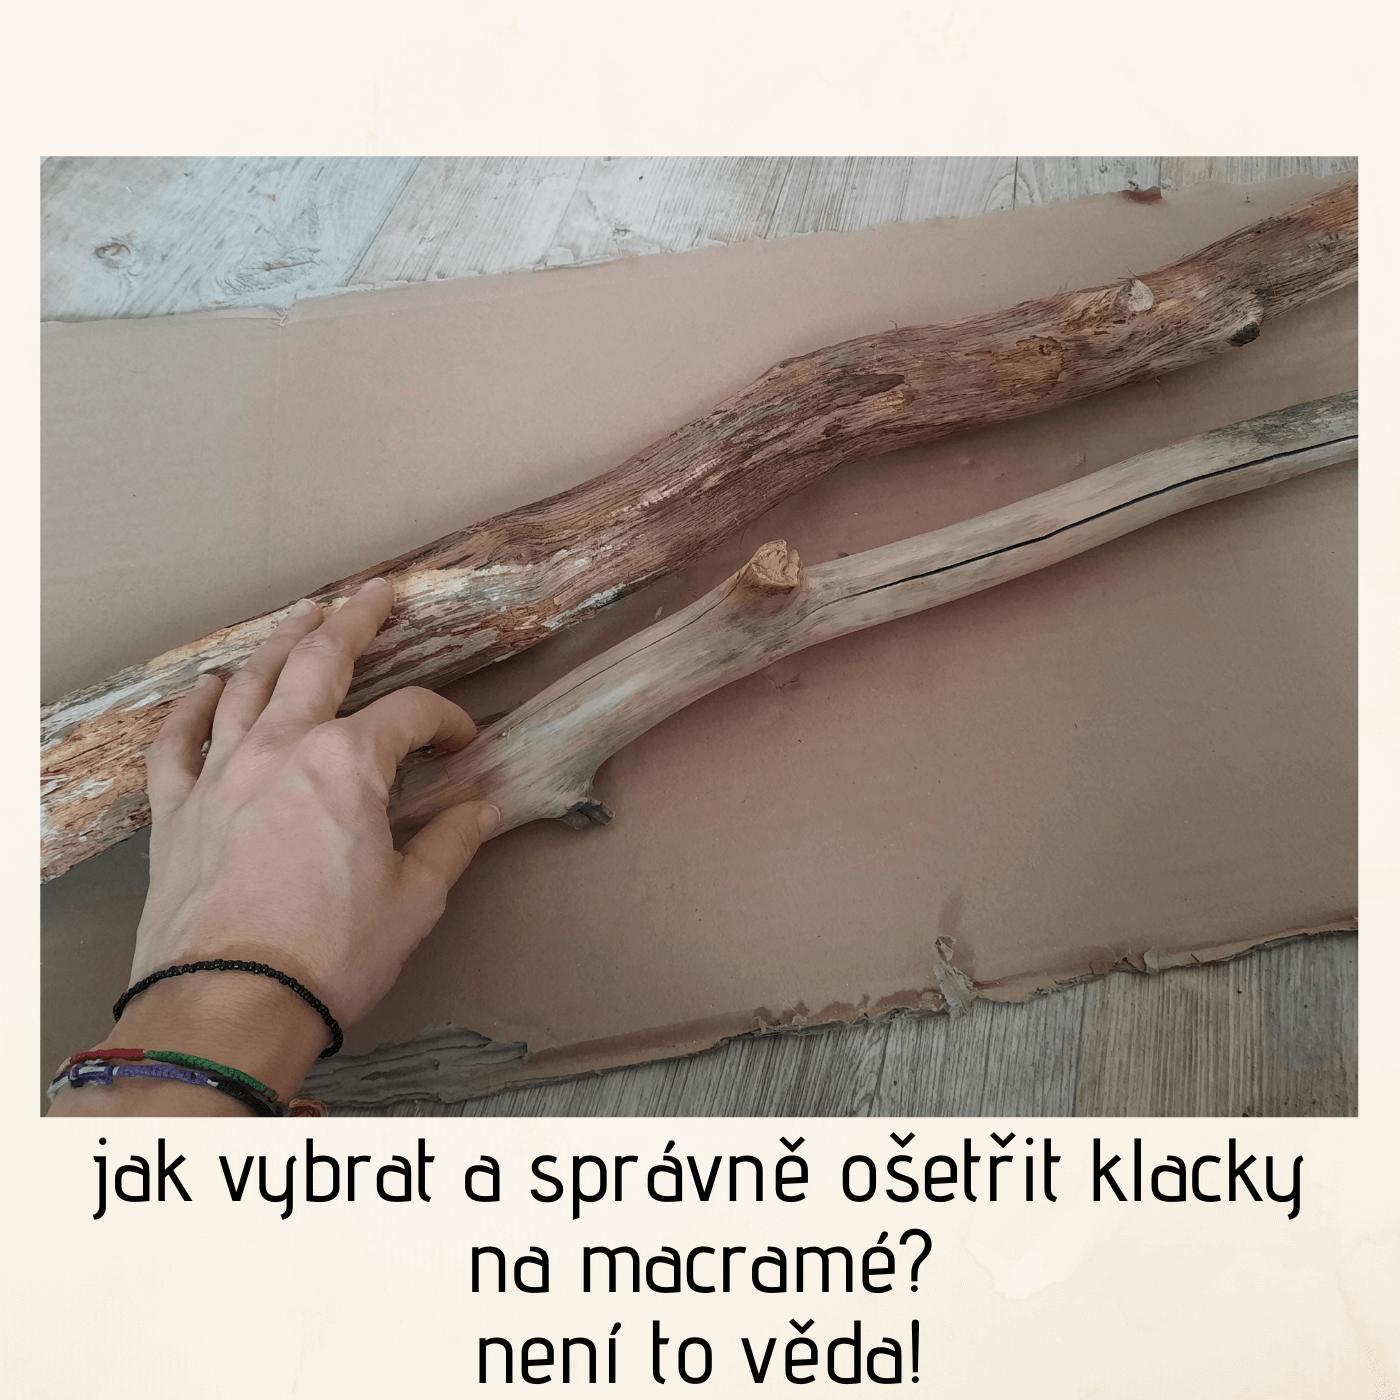 Macramé - jak vybrat a ošetřit klacek z lesa